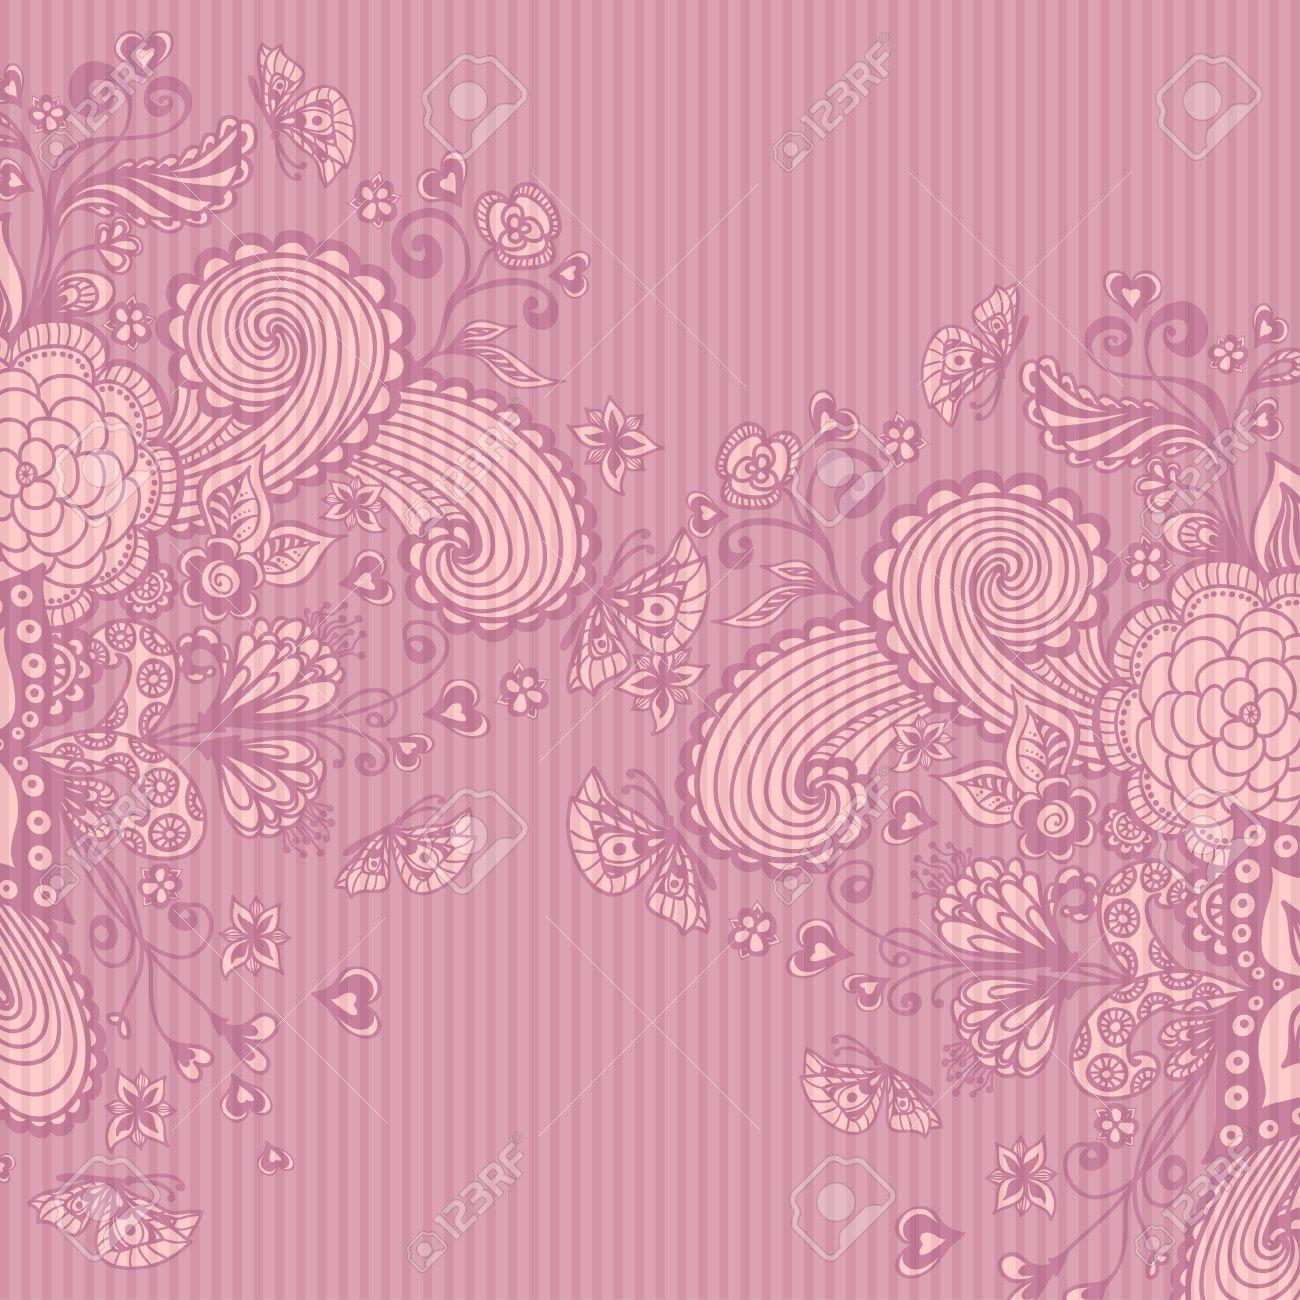 Vettoriale Vintage Sfondo Con Fiori Doodle Di Farfalle Cuori Di